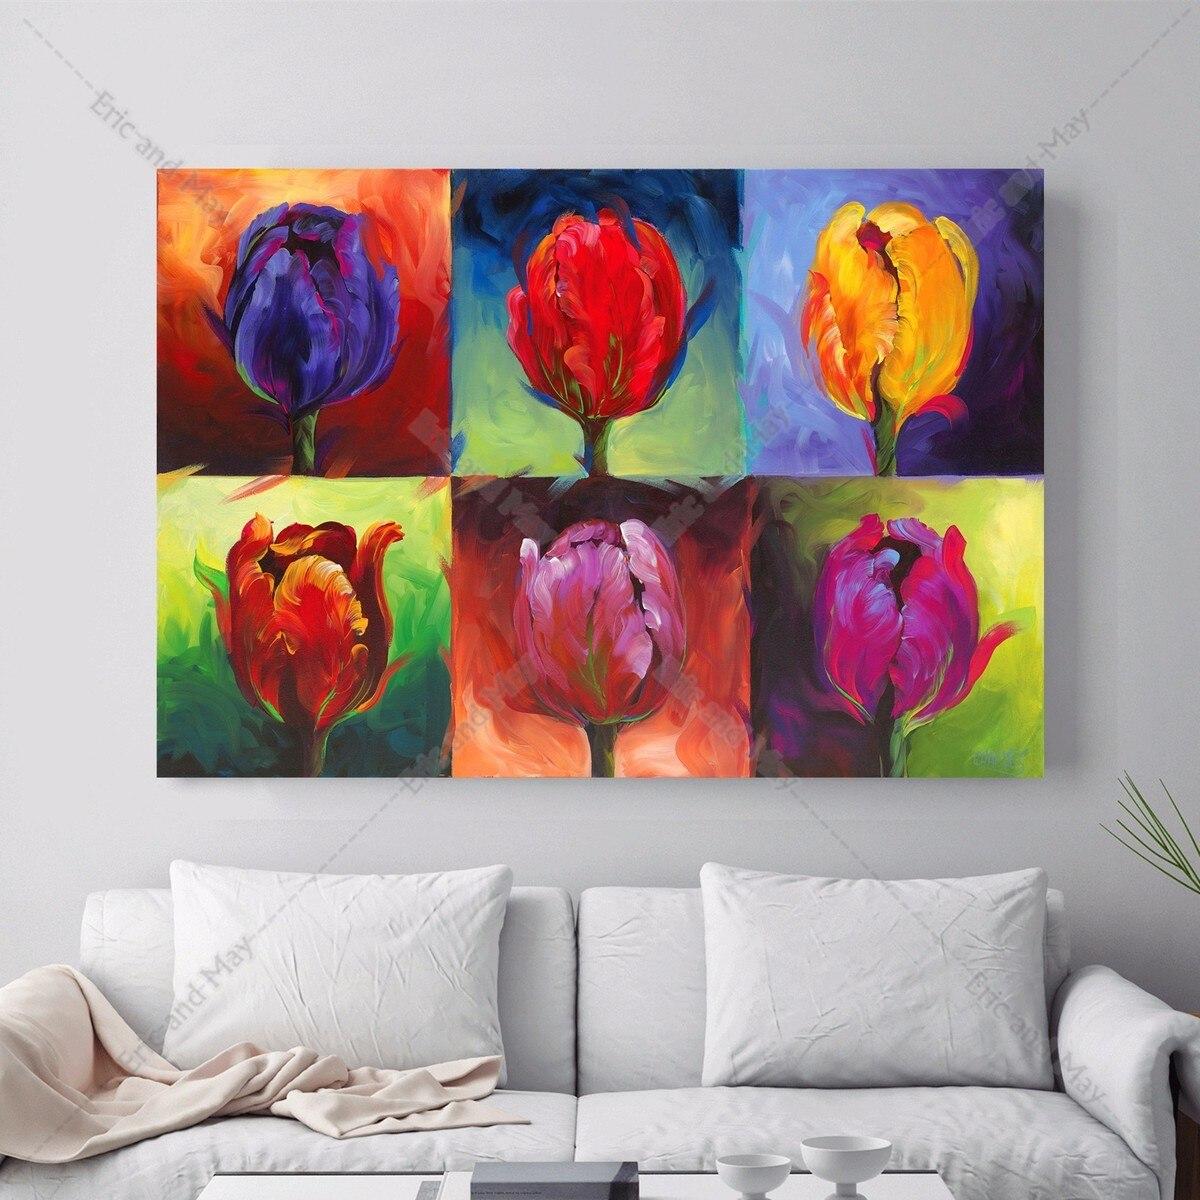 Tulip Pop Art Stil Leinwand Kunstdruck Malerei Poster Wand Bild Fr Wohnzimmer Home Dekorative